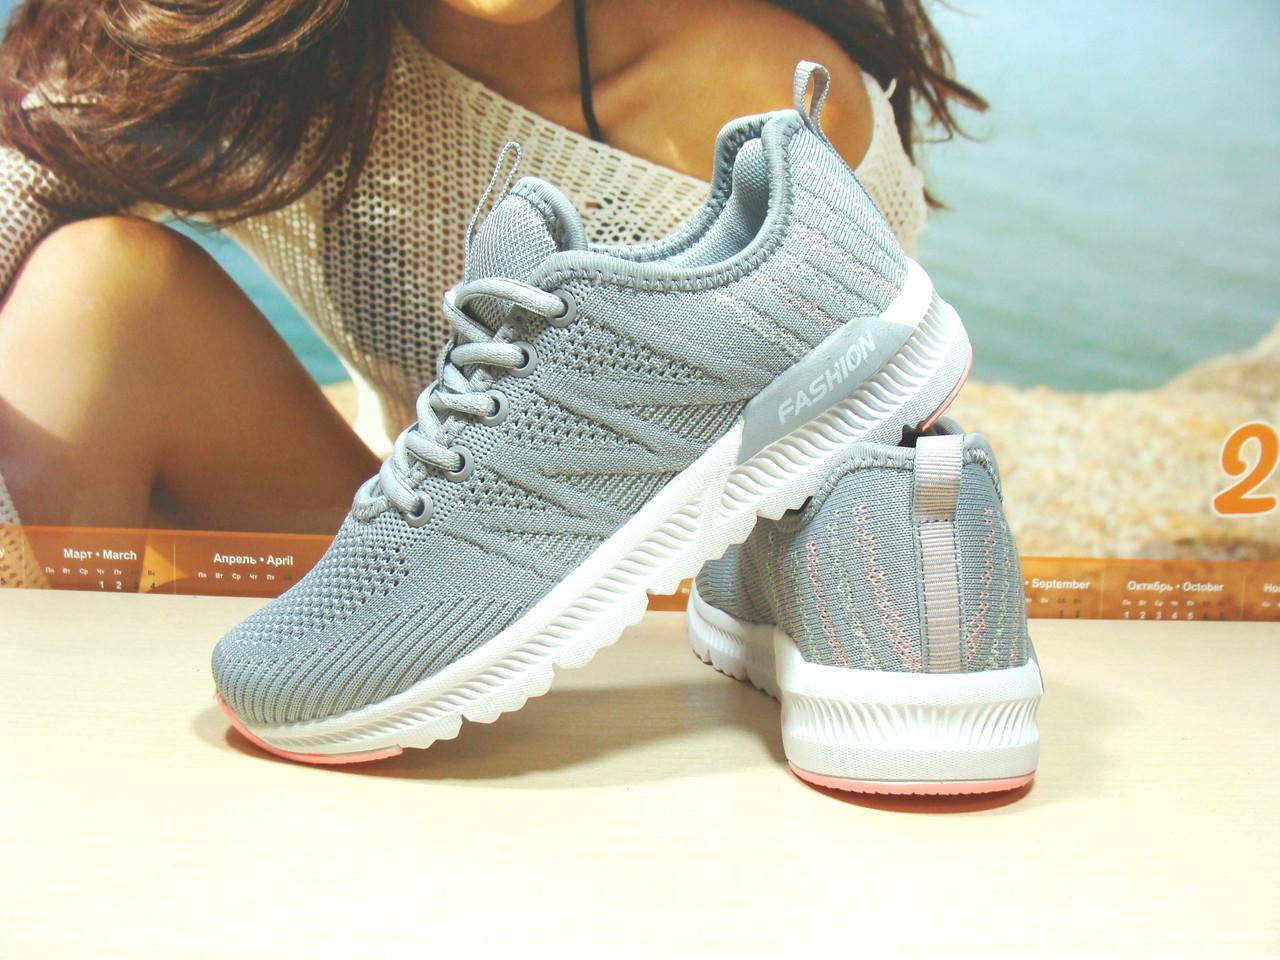 Жіночі кросівки BaaS F сірі 36 р.